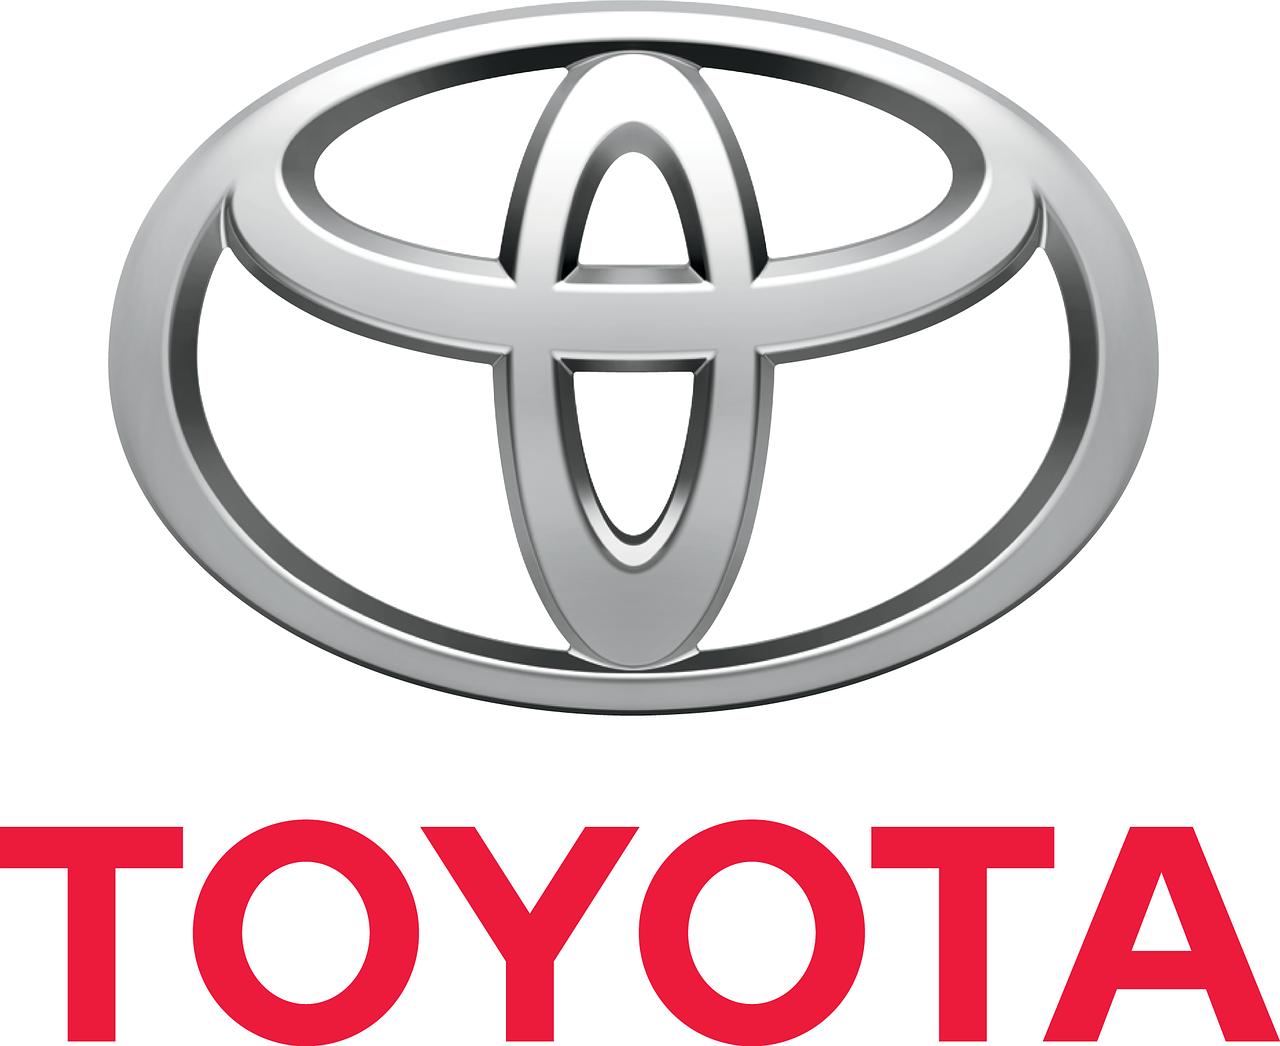 Rappel de plus de 1,6 millions de voitures chez Toyota